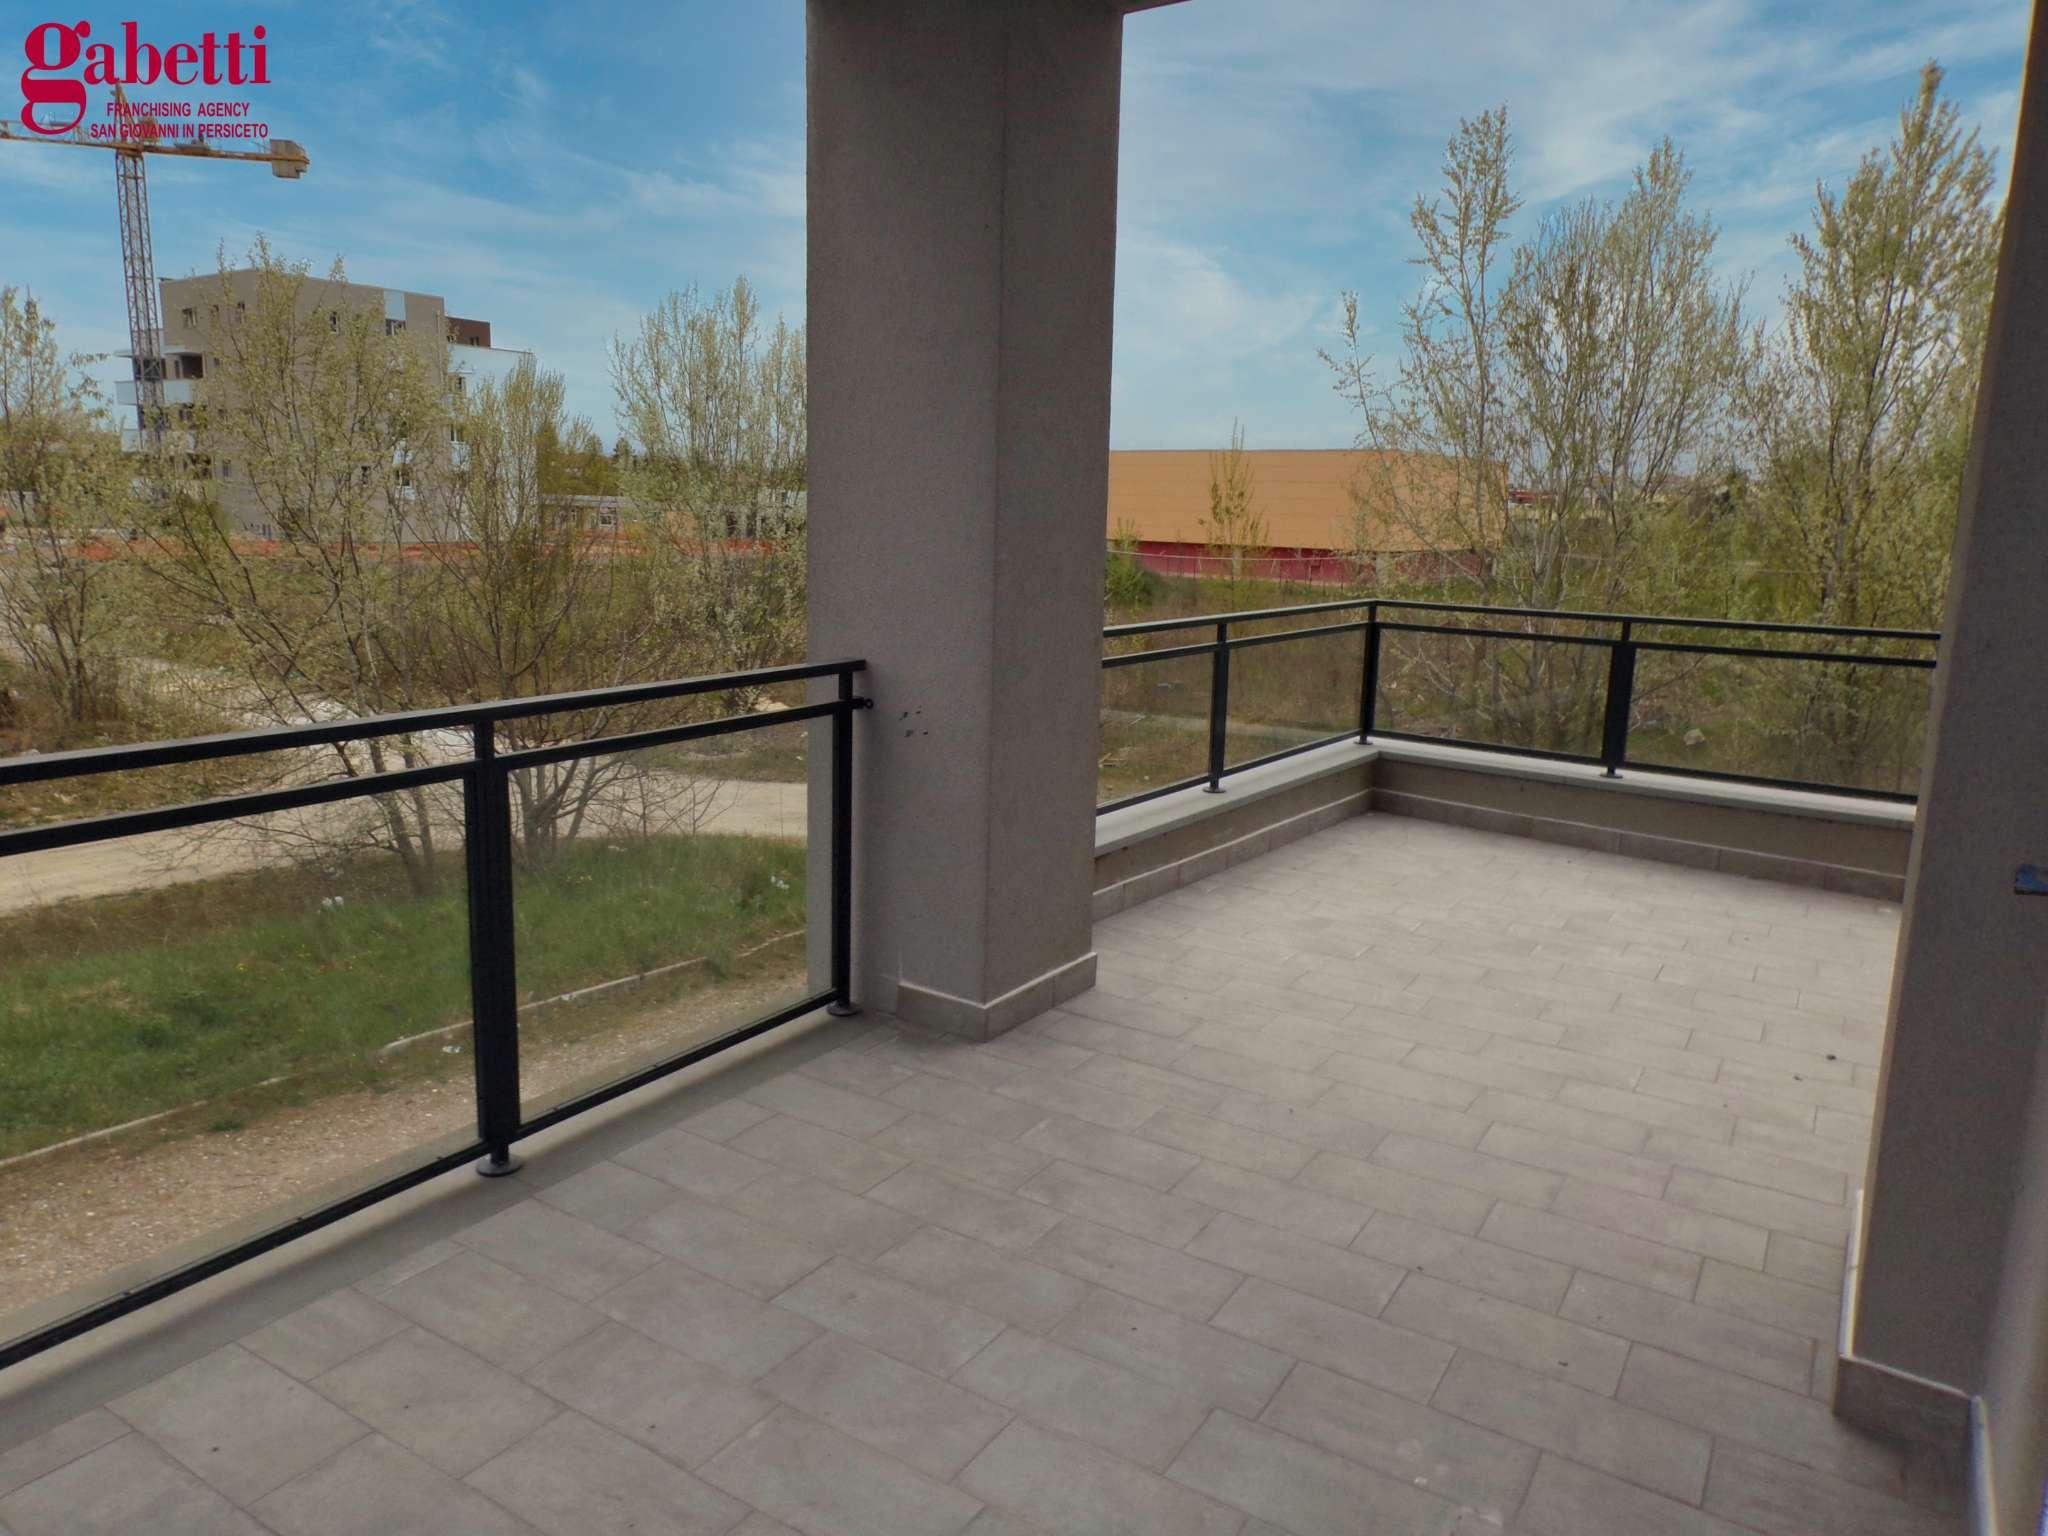 Appartamento in vendita a San Giovanni in Persiceto, 5 locali, prezzo € 249.000 | PortaleAgenzieImmobiliari.it